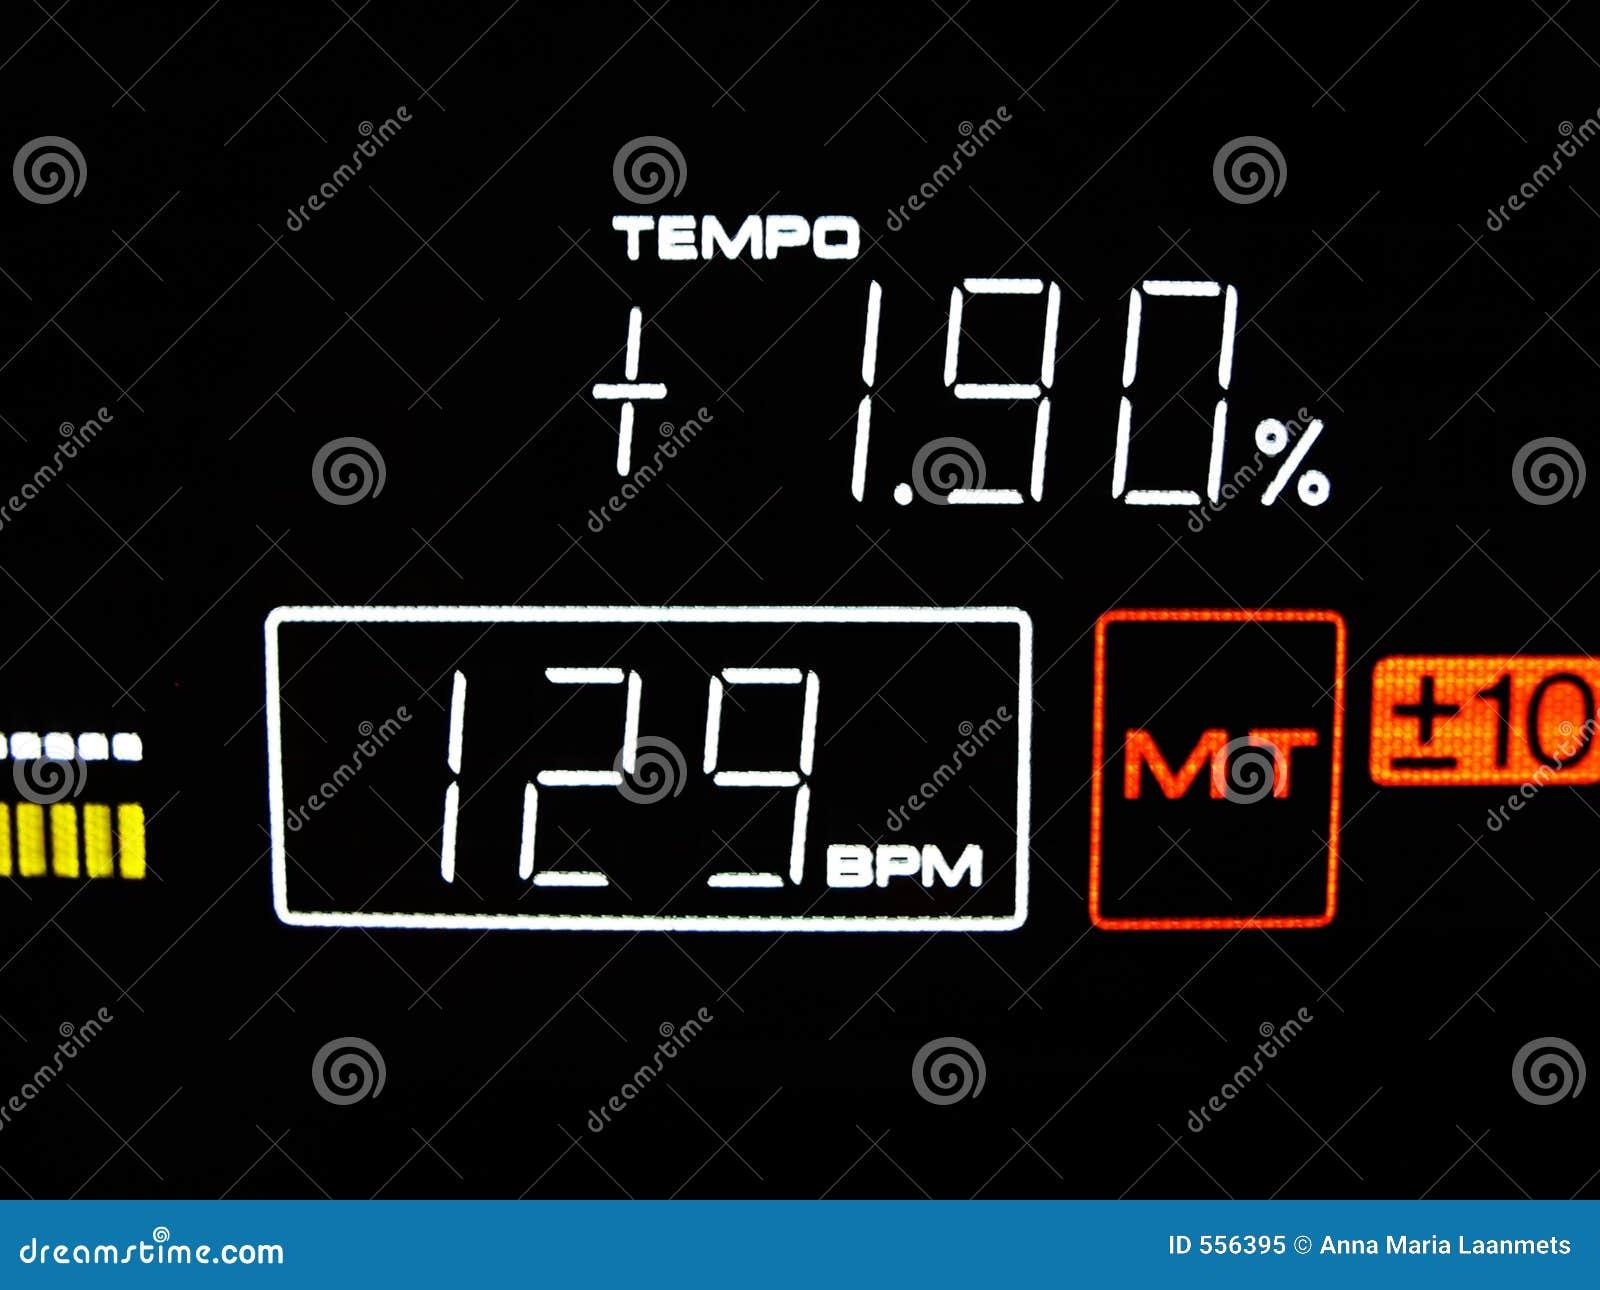 O ritmo é 129 BPM